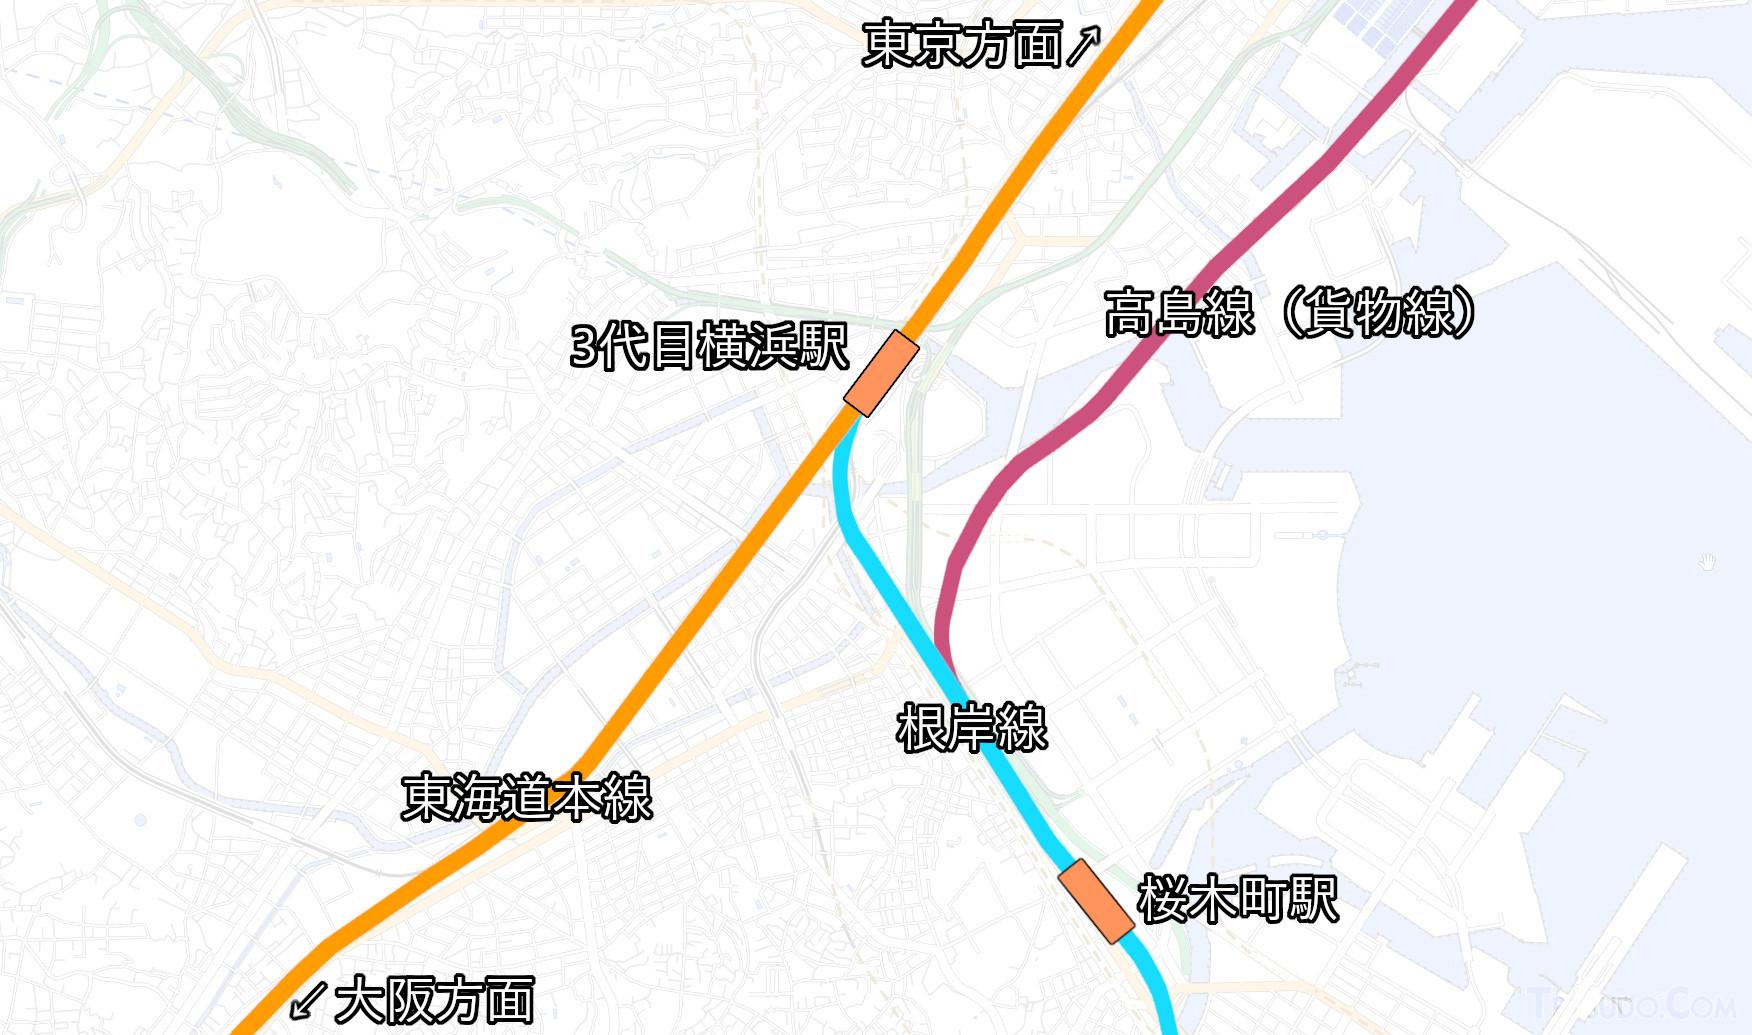 2021年現在のJR線の位置関係(国土地理院「地理院地図Vector」の淡色地図に加筆)